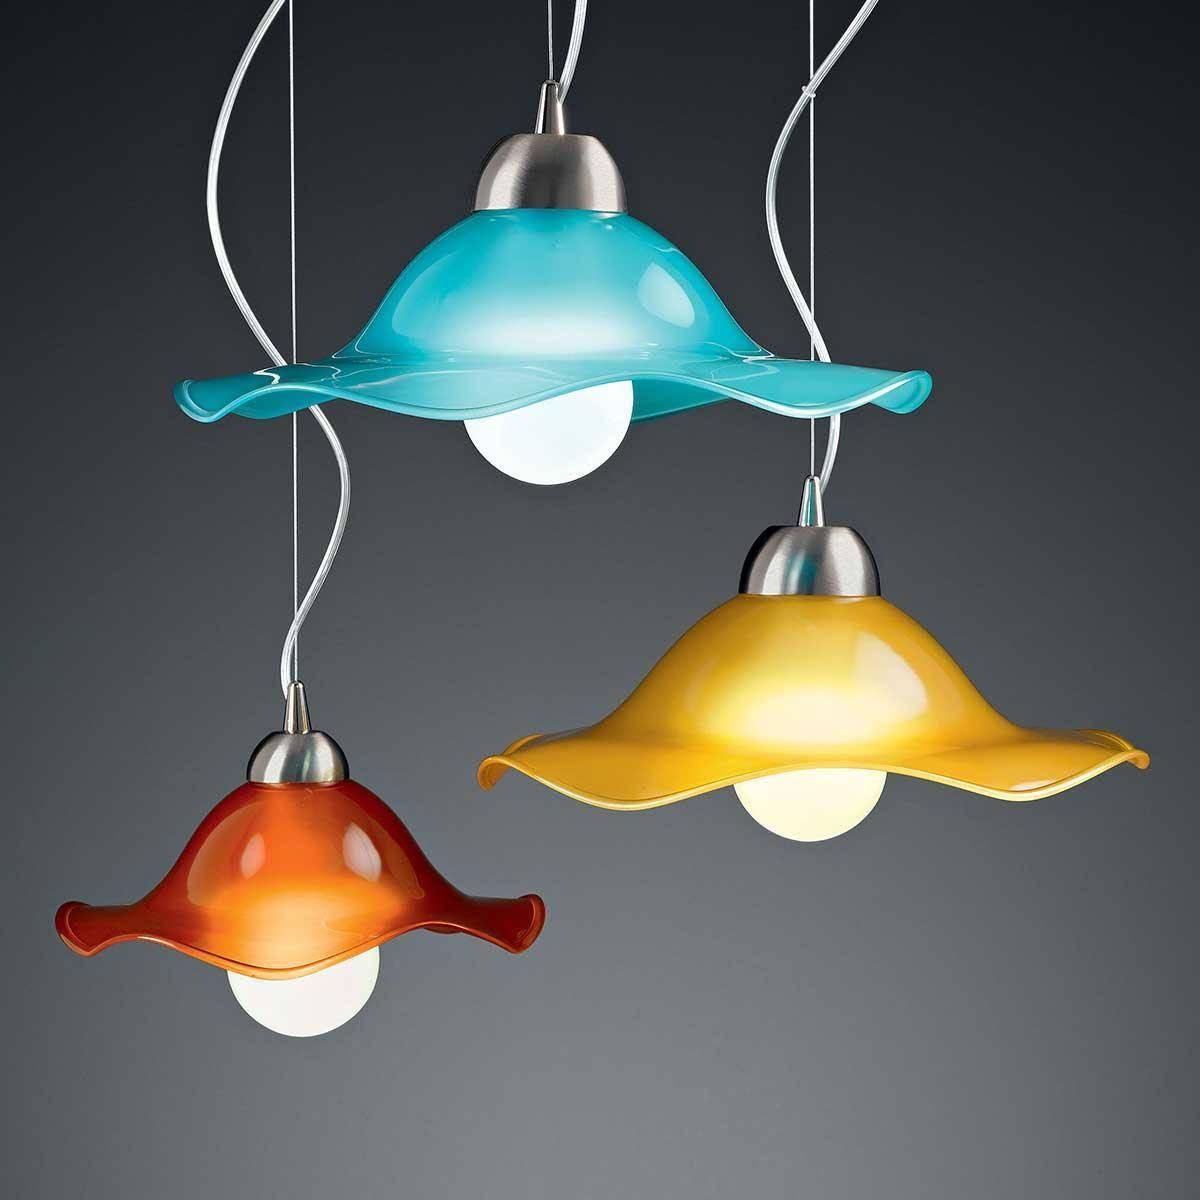 Murano Glass Pendant Lights – Murano Glass Chandeliers With Murano Glass Pendant Lights (View 2 of 15)